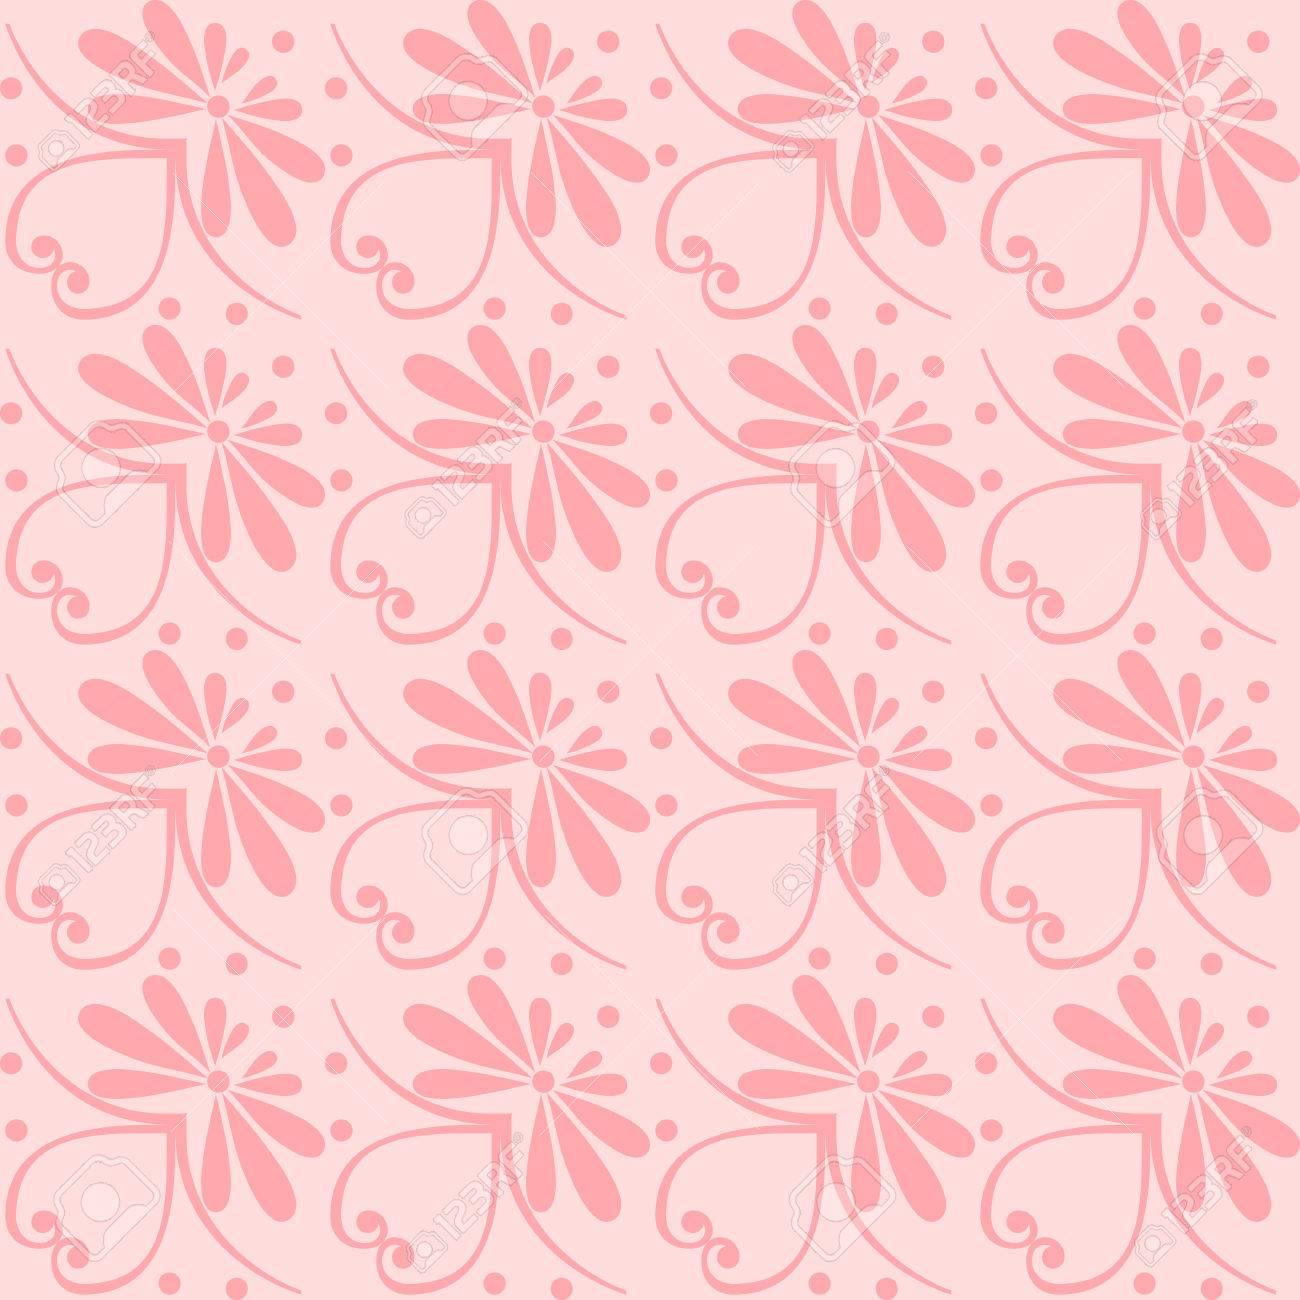 セット シームレスなかわいいピンクと青のギリシャの花柄 無限